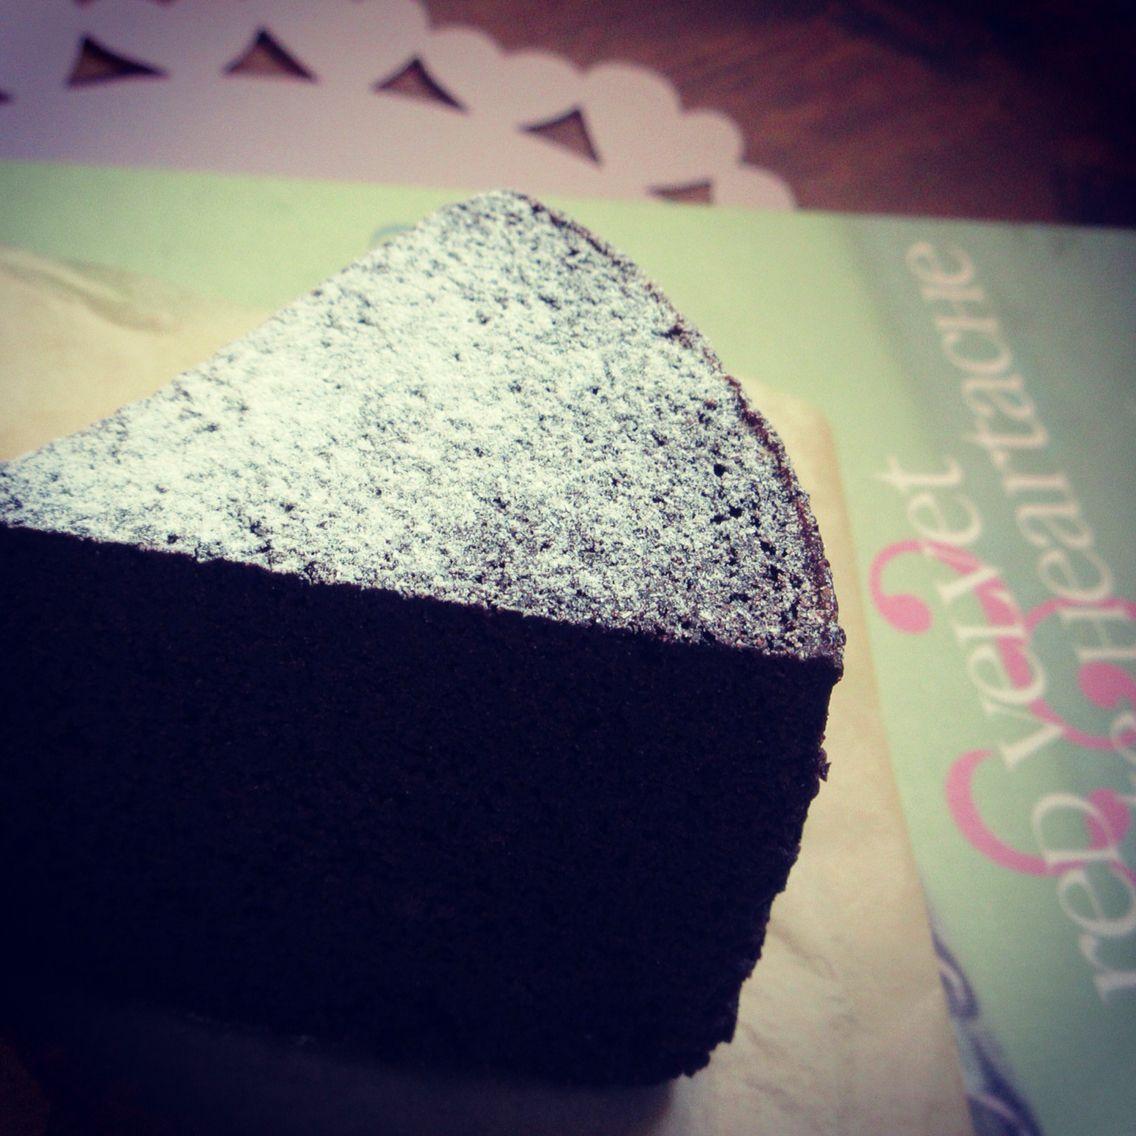 Velvet Cake ヴェルヴェットケーキ。 ココアパウダーをたっぷり使用した甘さ控えめ、ホロ苦度高めの素朴なケーキ。 250 yen 赤くないヴェルヴェットケーキ http://ri-e.cocolog-nifty.com/blog/2016/02/unred-velvet-ca.html